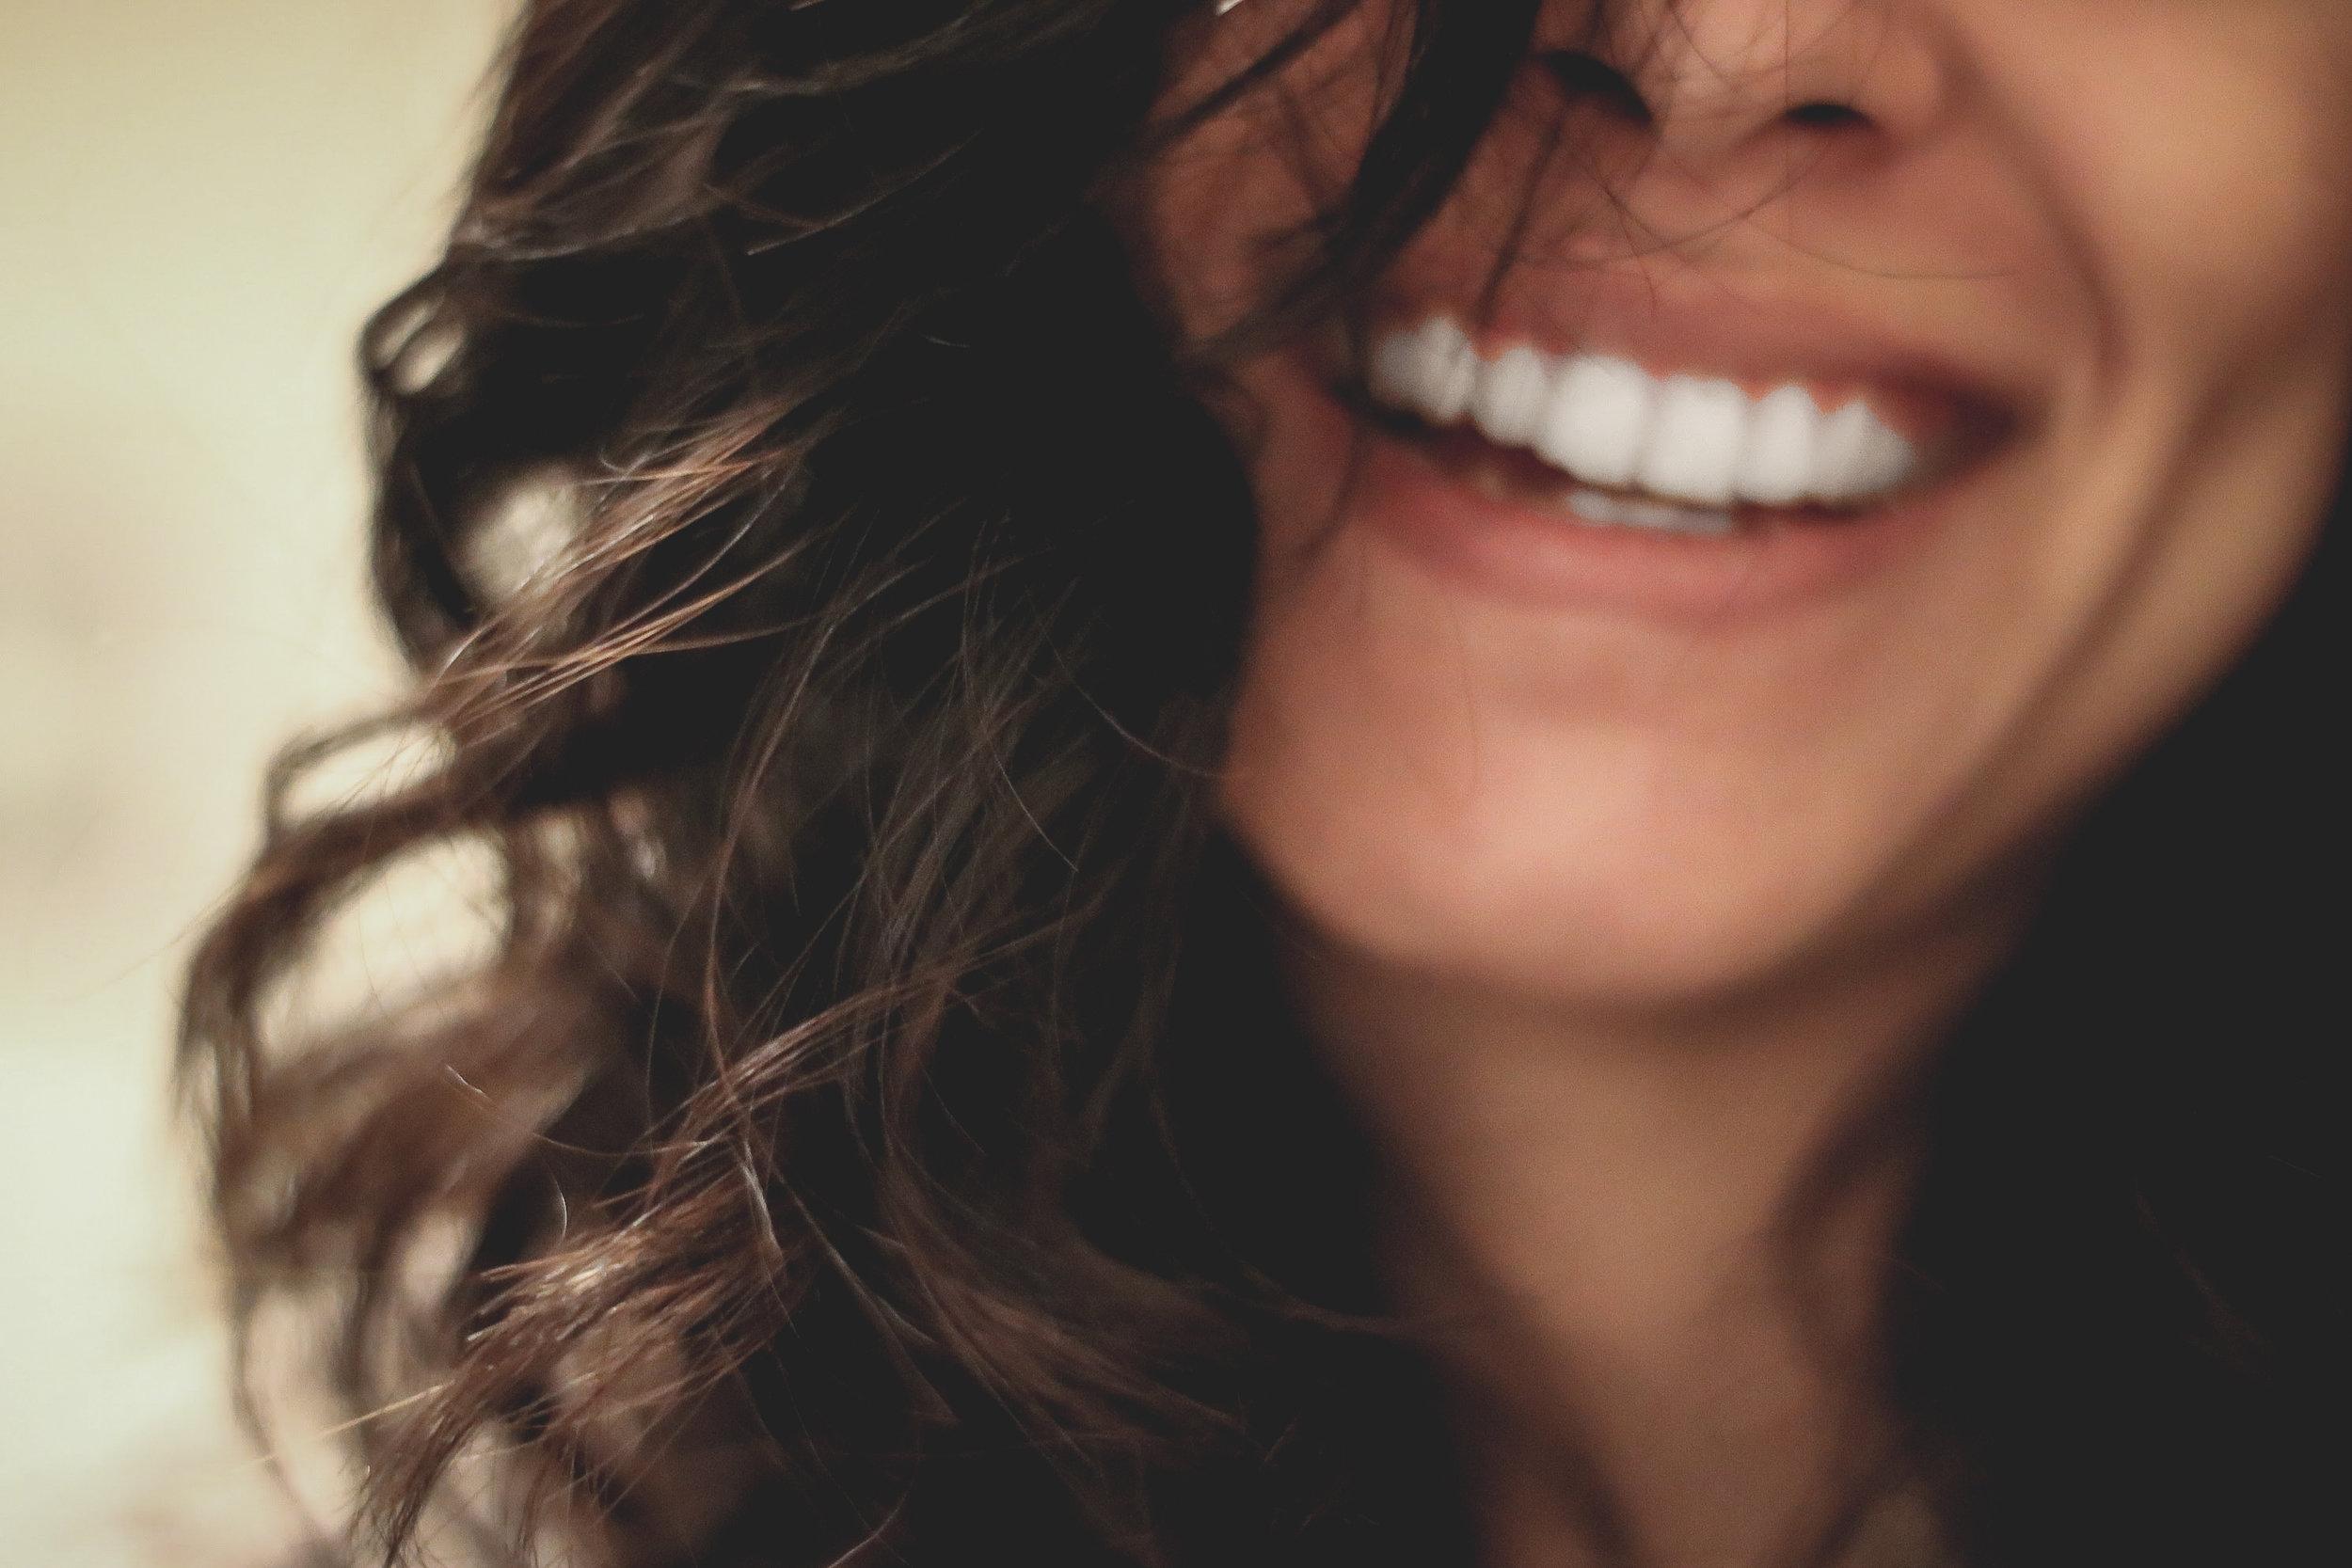 Oral Health, preventative care